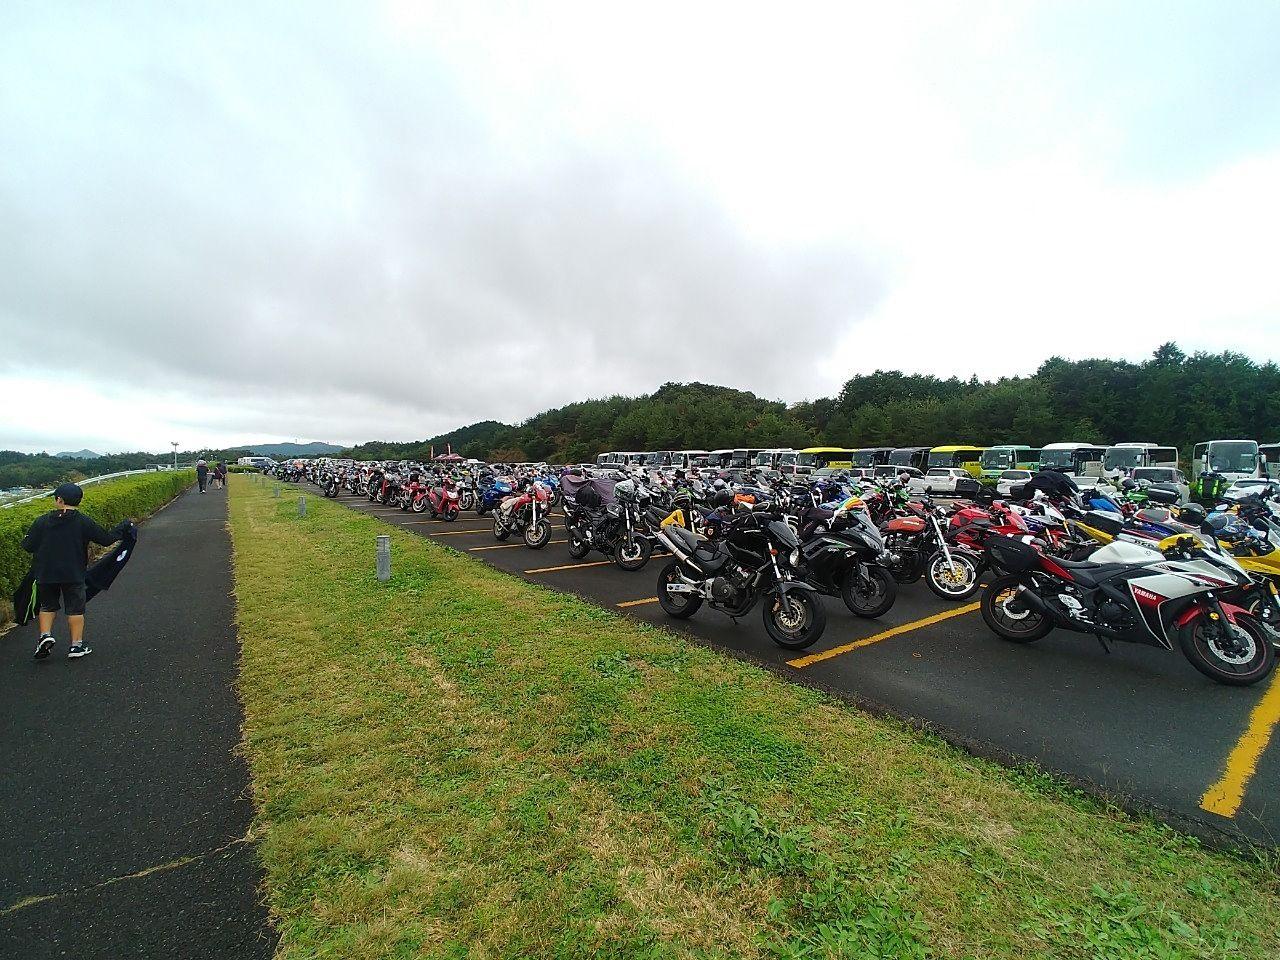 tウインリンク茂木では、たくさんのバイクが停まっていました